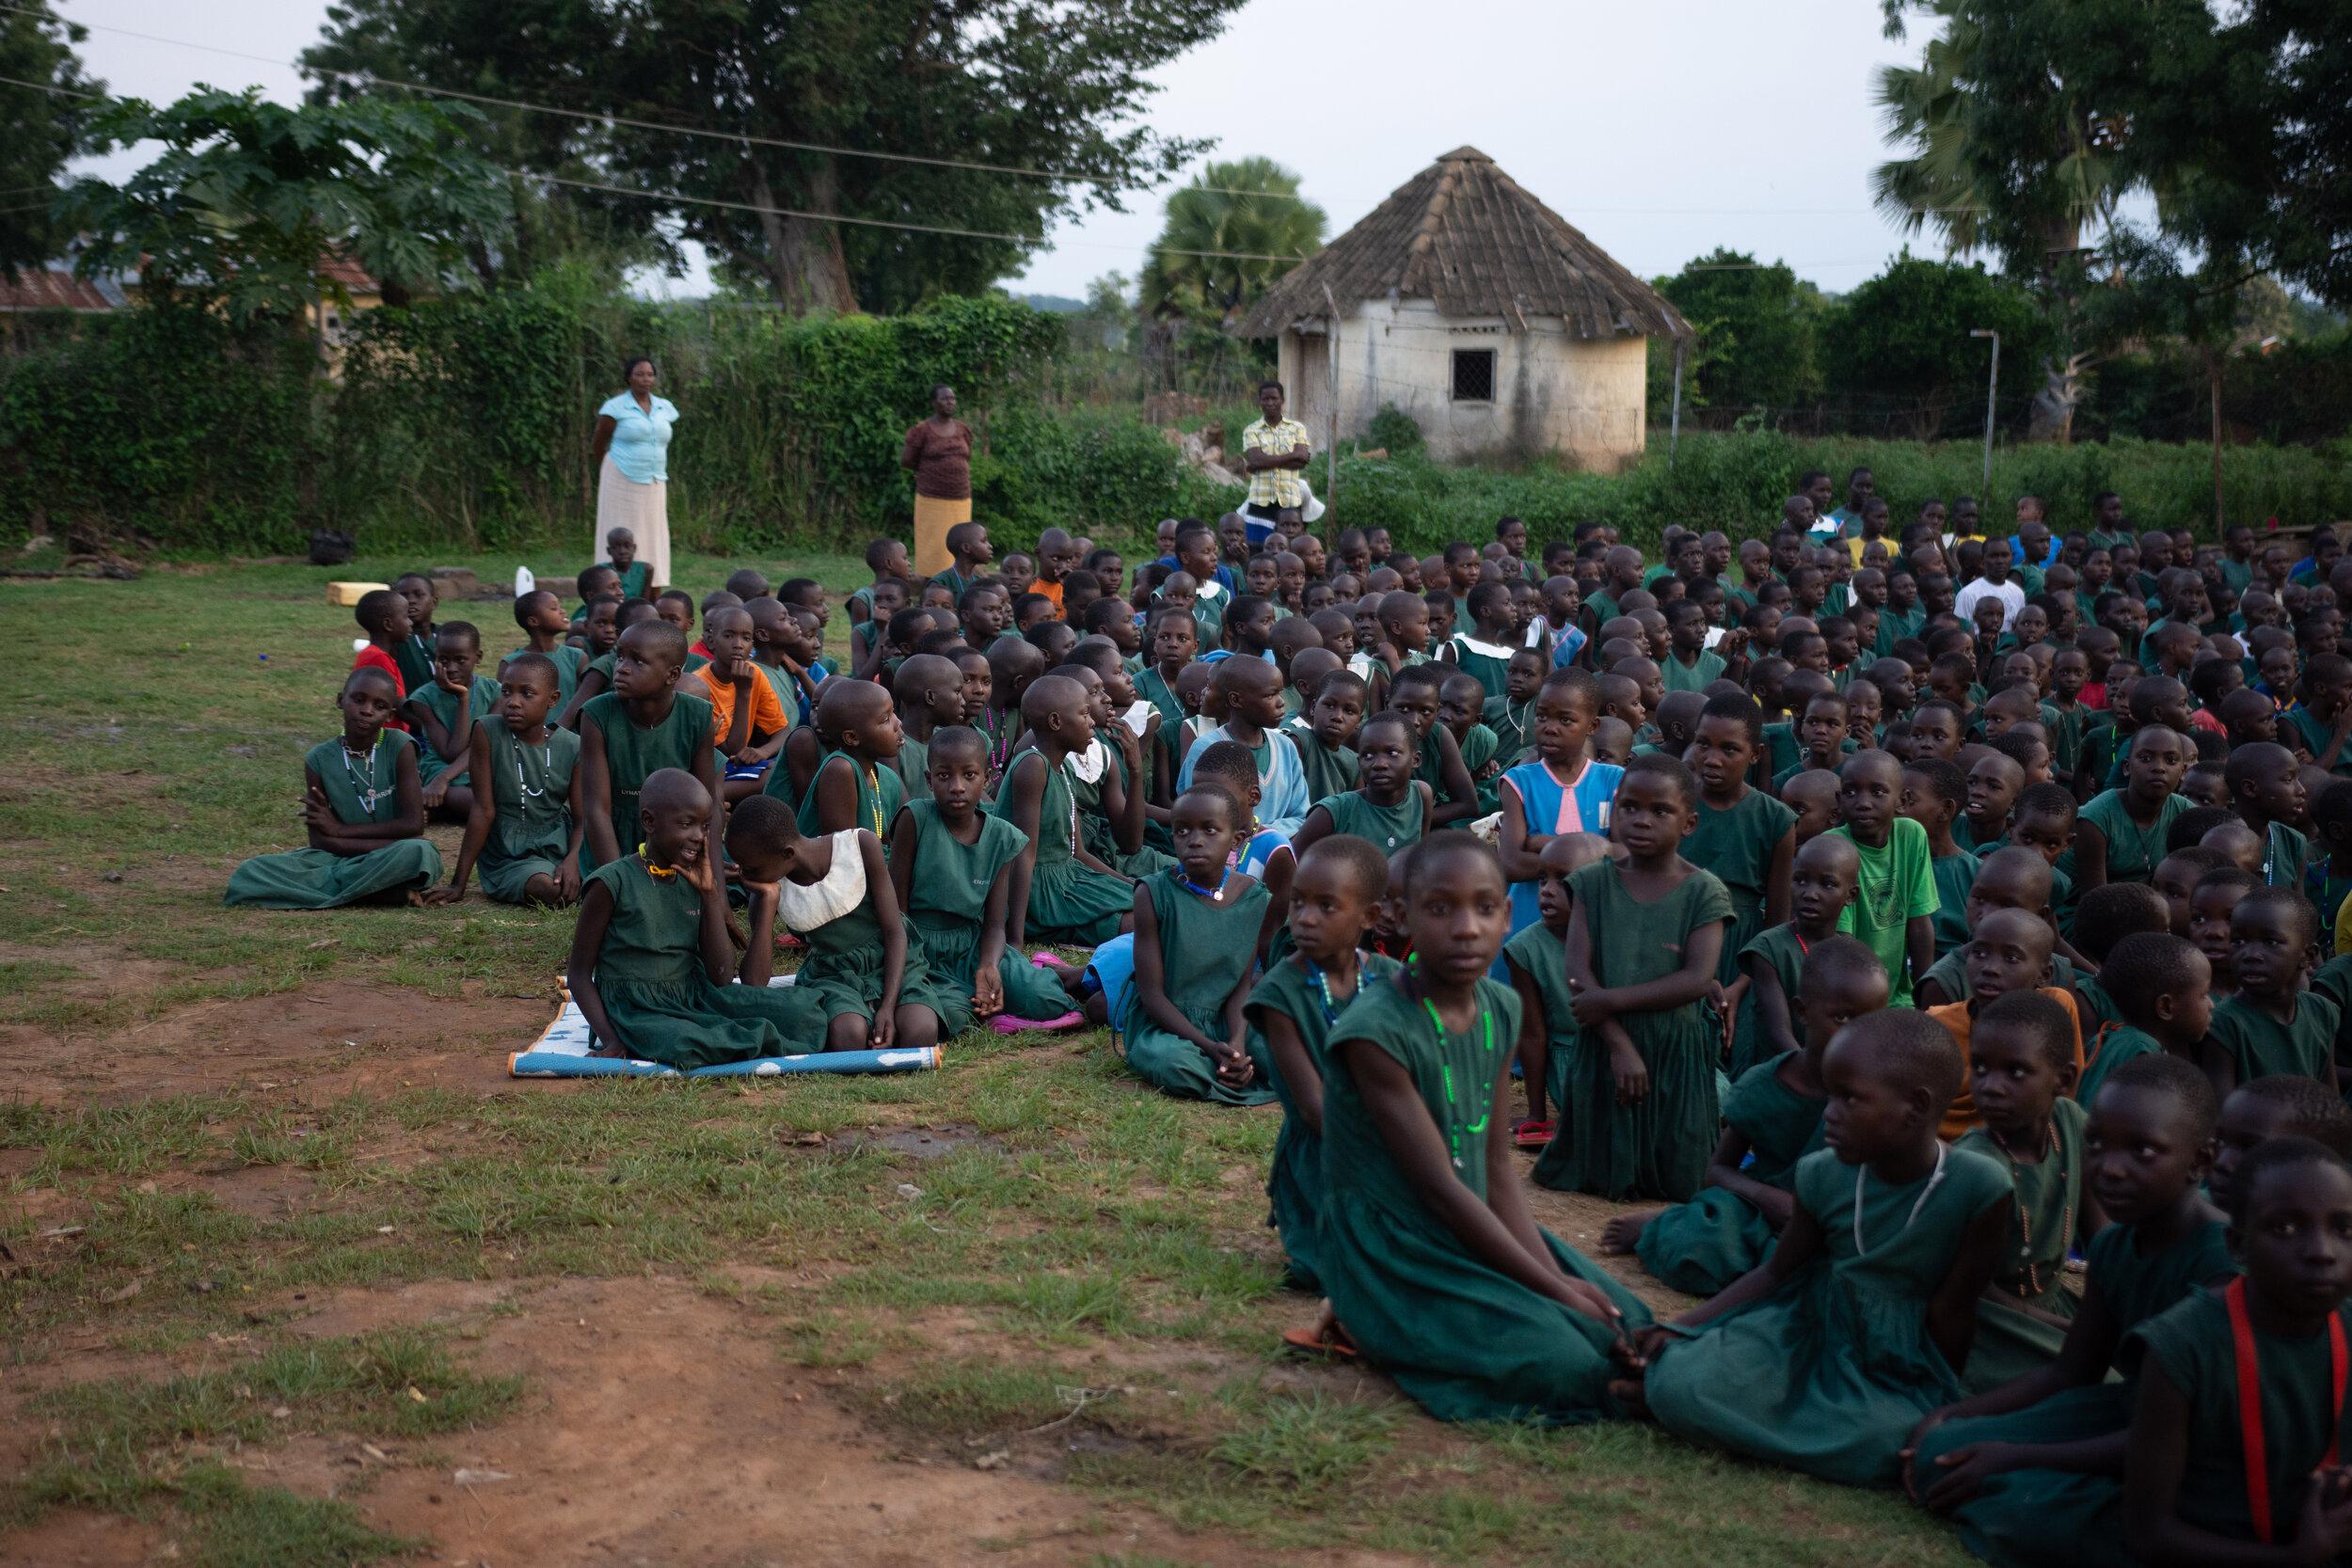 uganda06-29-19-15.jpg